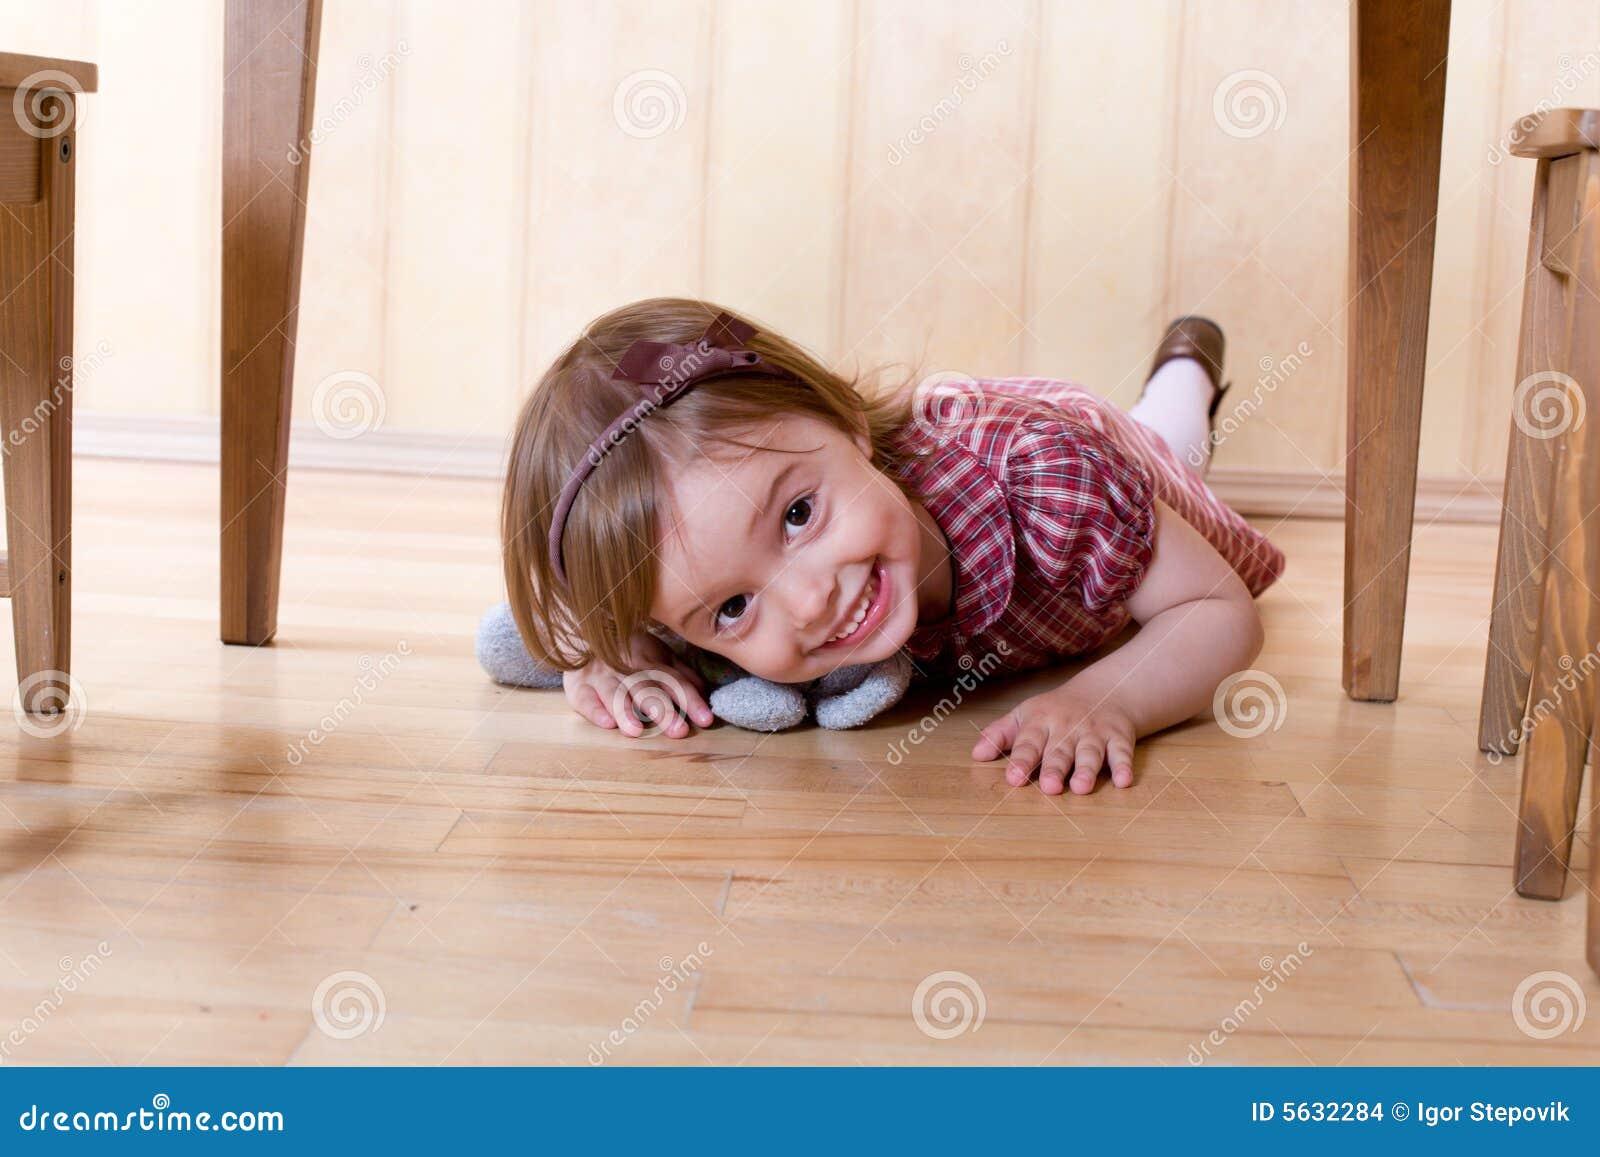 Happy Little Girl Crawling On The Hardwood Floor Stock